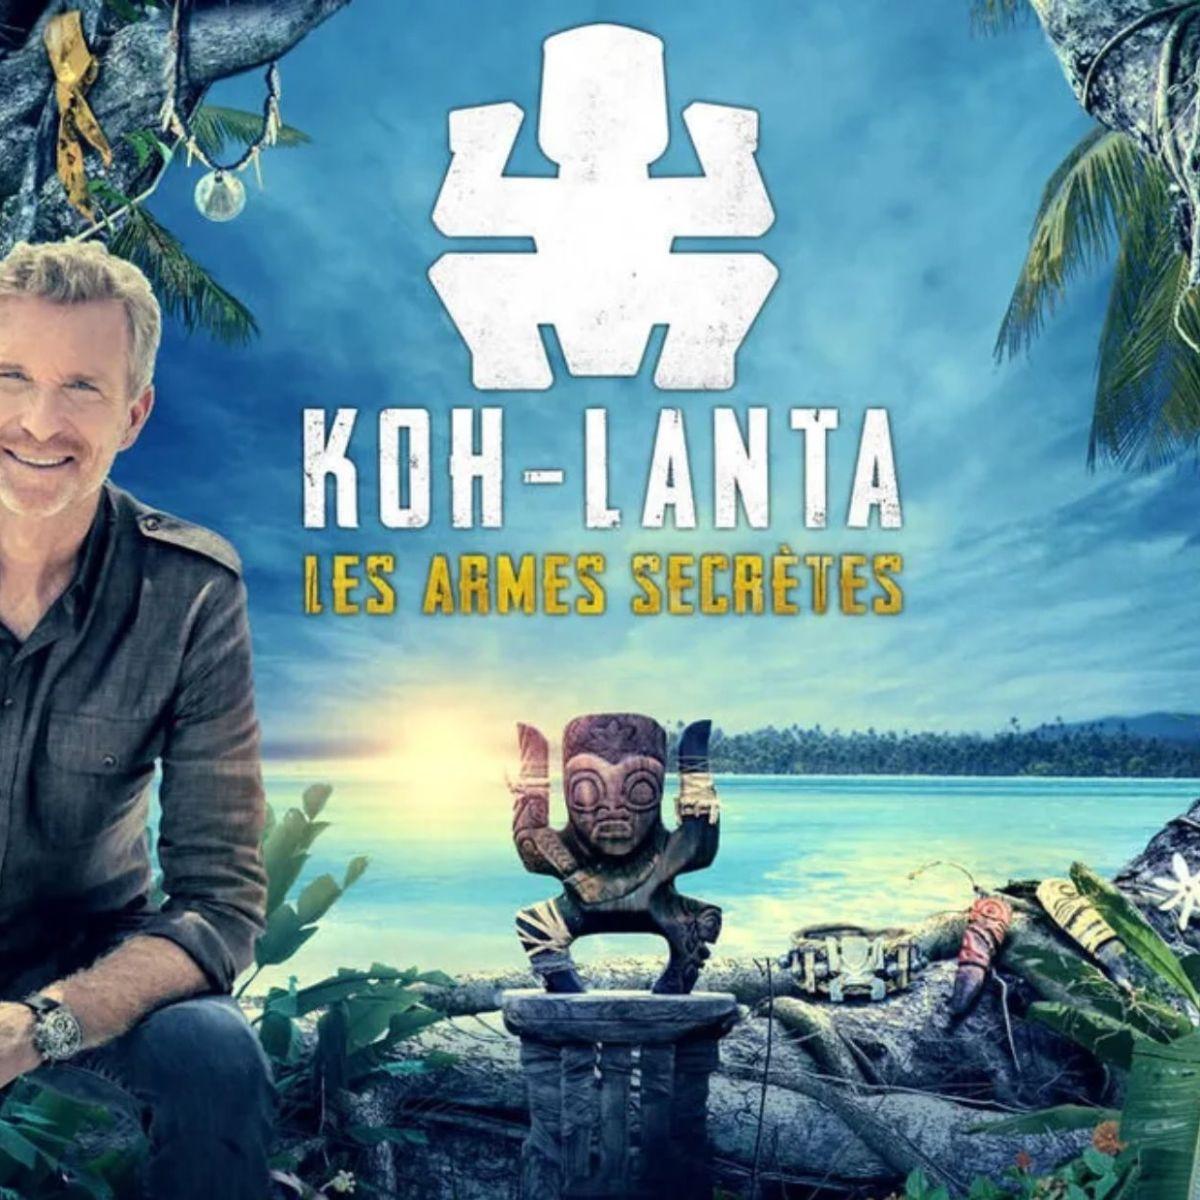 date de diffusion Koh Lanta 2021 - Les armes secrètes